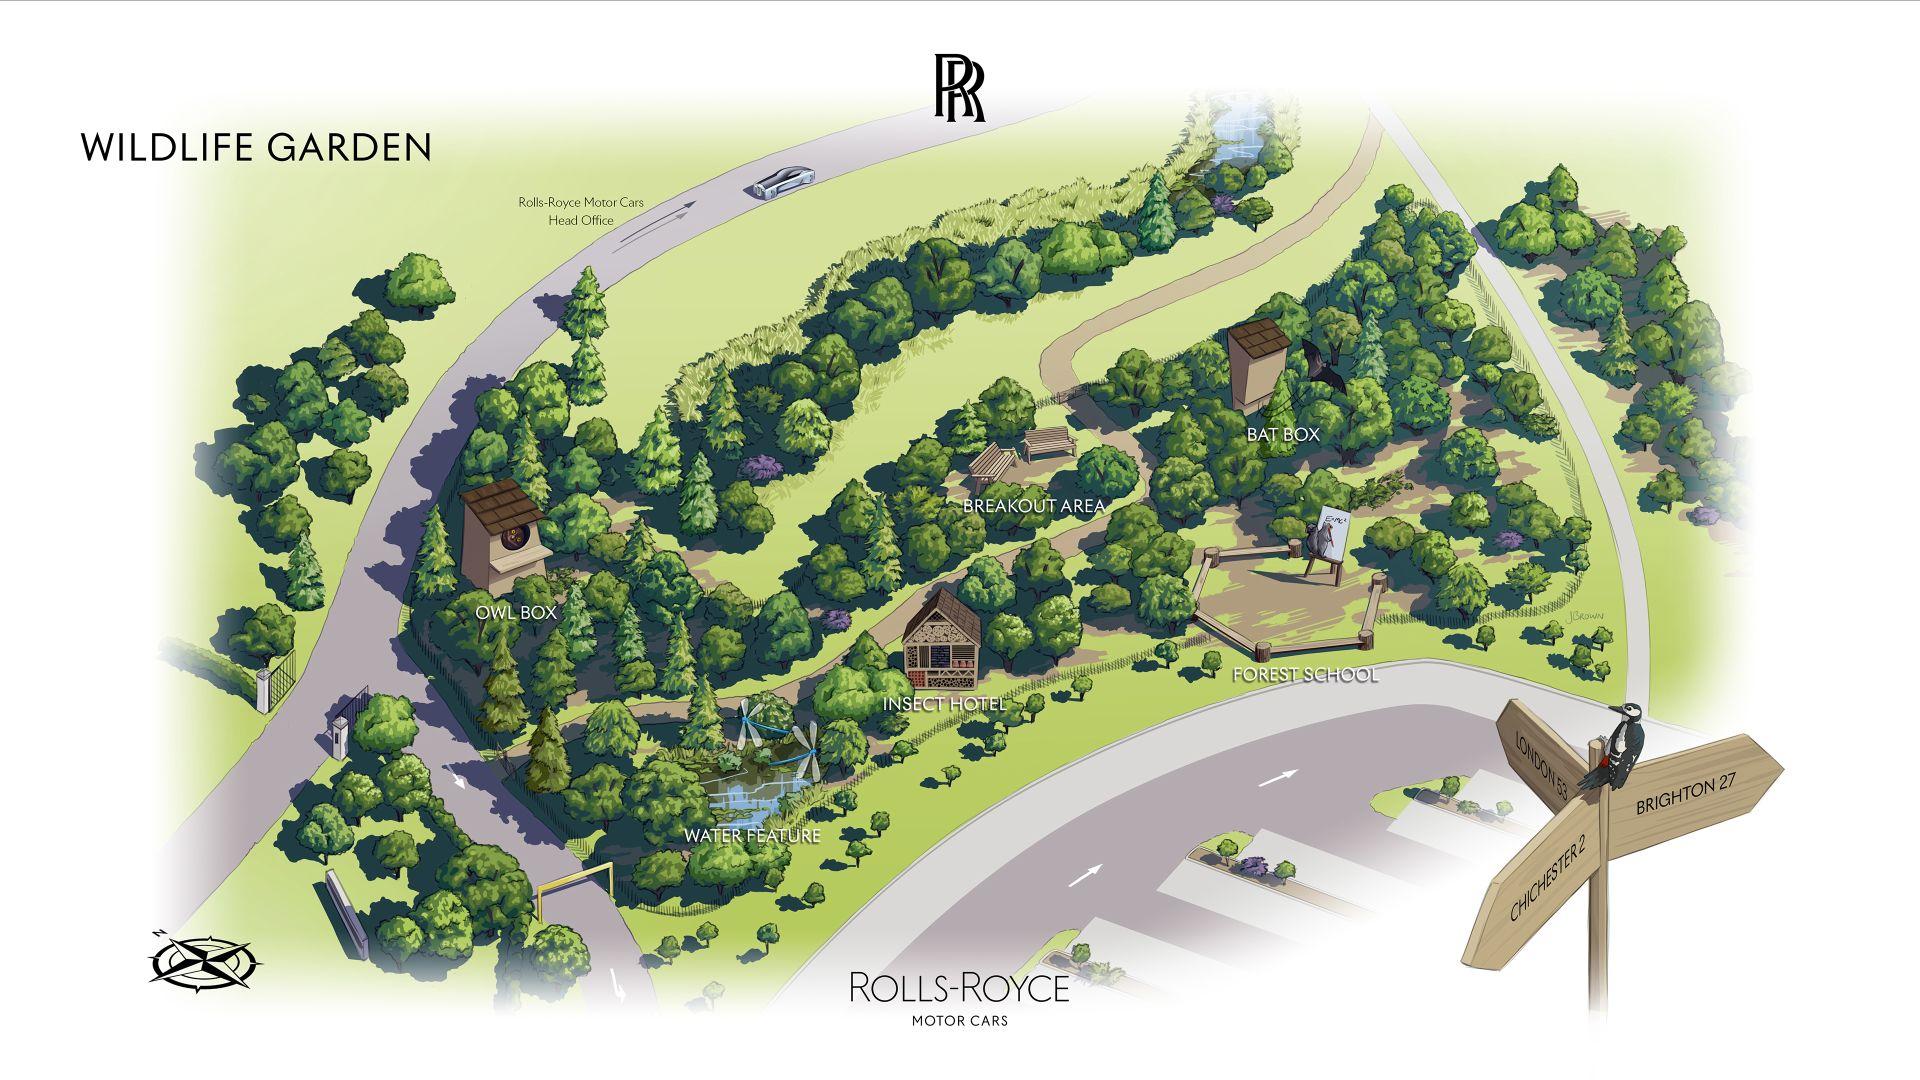 Rolls Royce Goodwood Wildlife garden 10